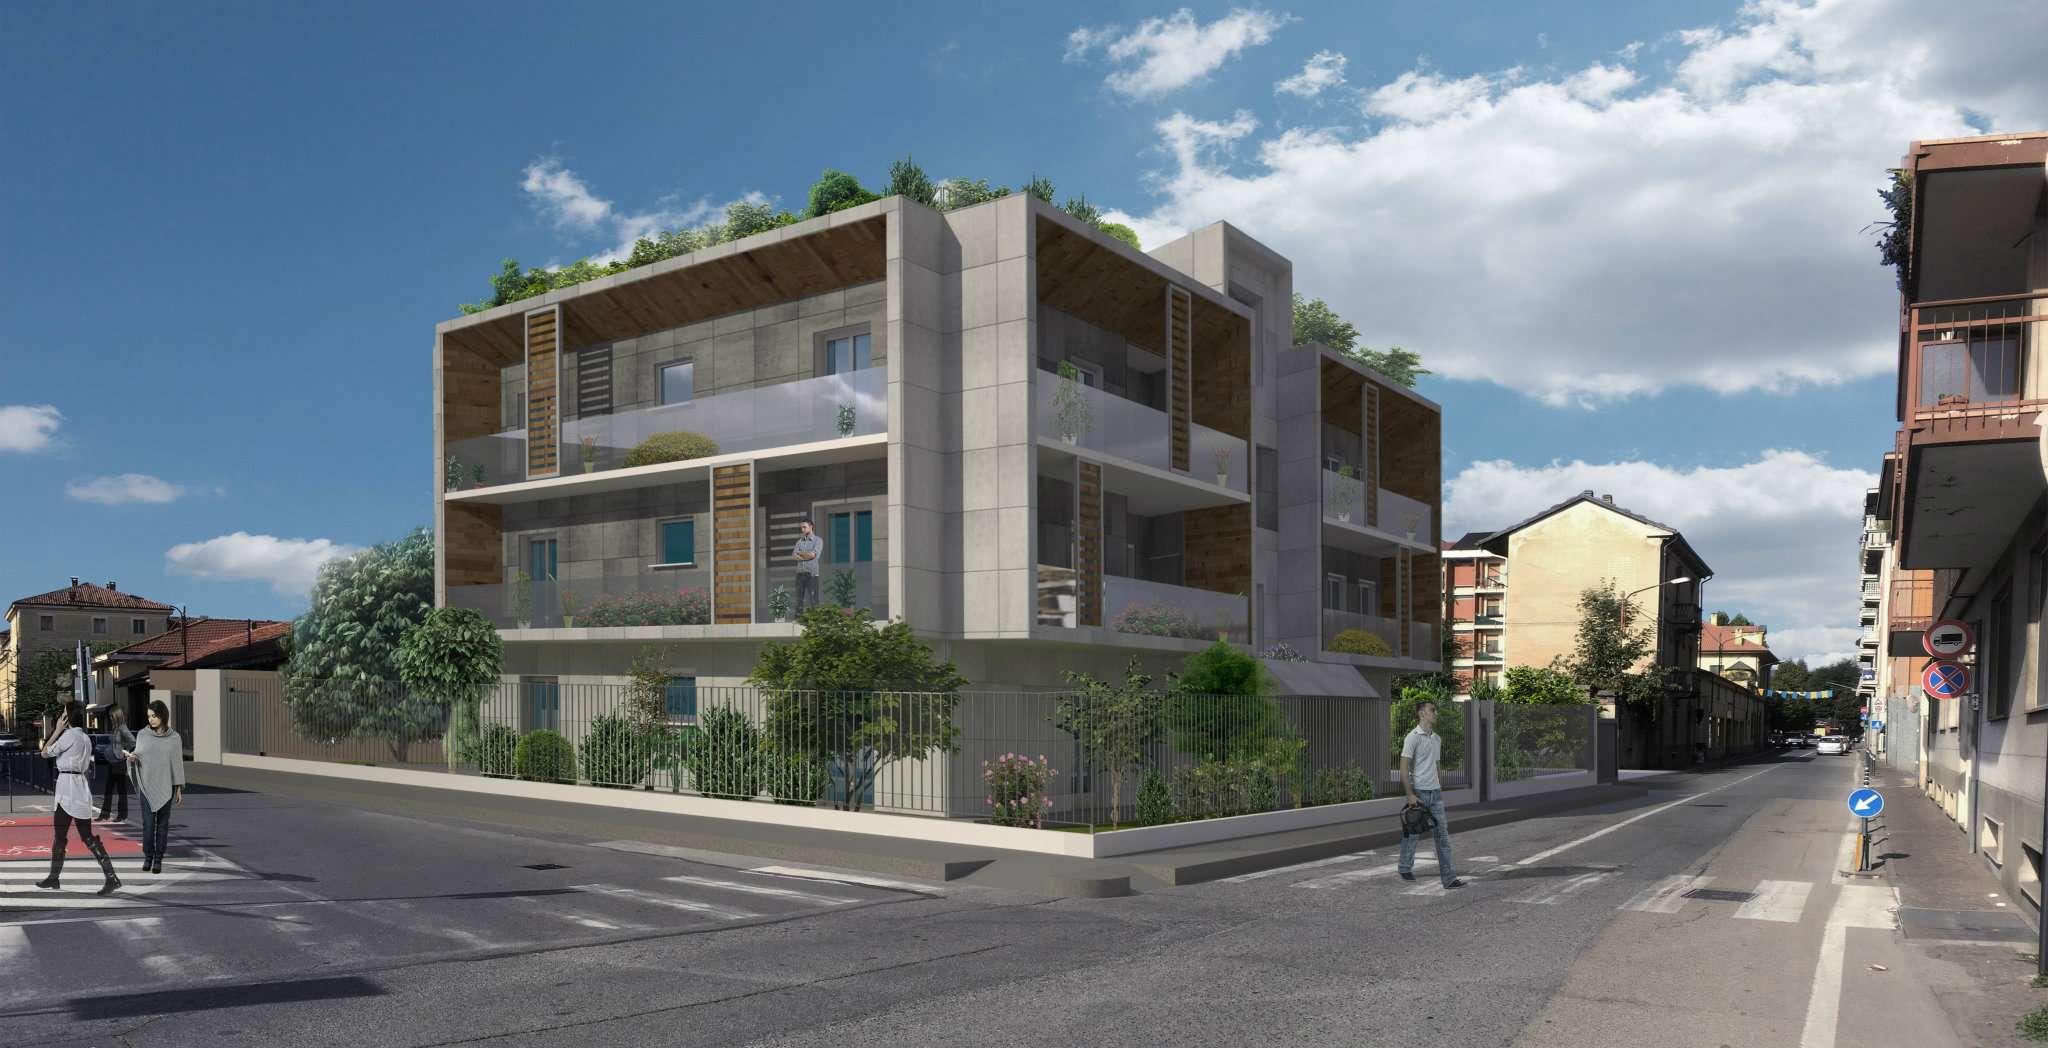 Appartamento in vendita a Ciriè, 5 locali, prezzo € 280.000 | CambioCasa.it